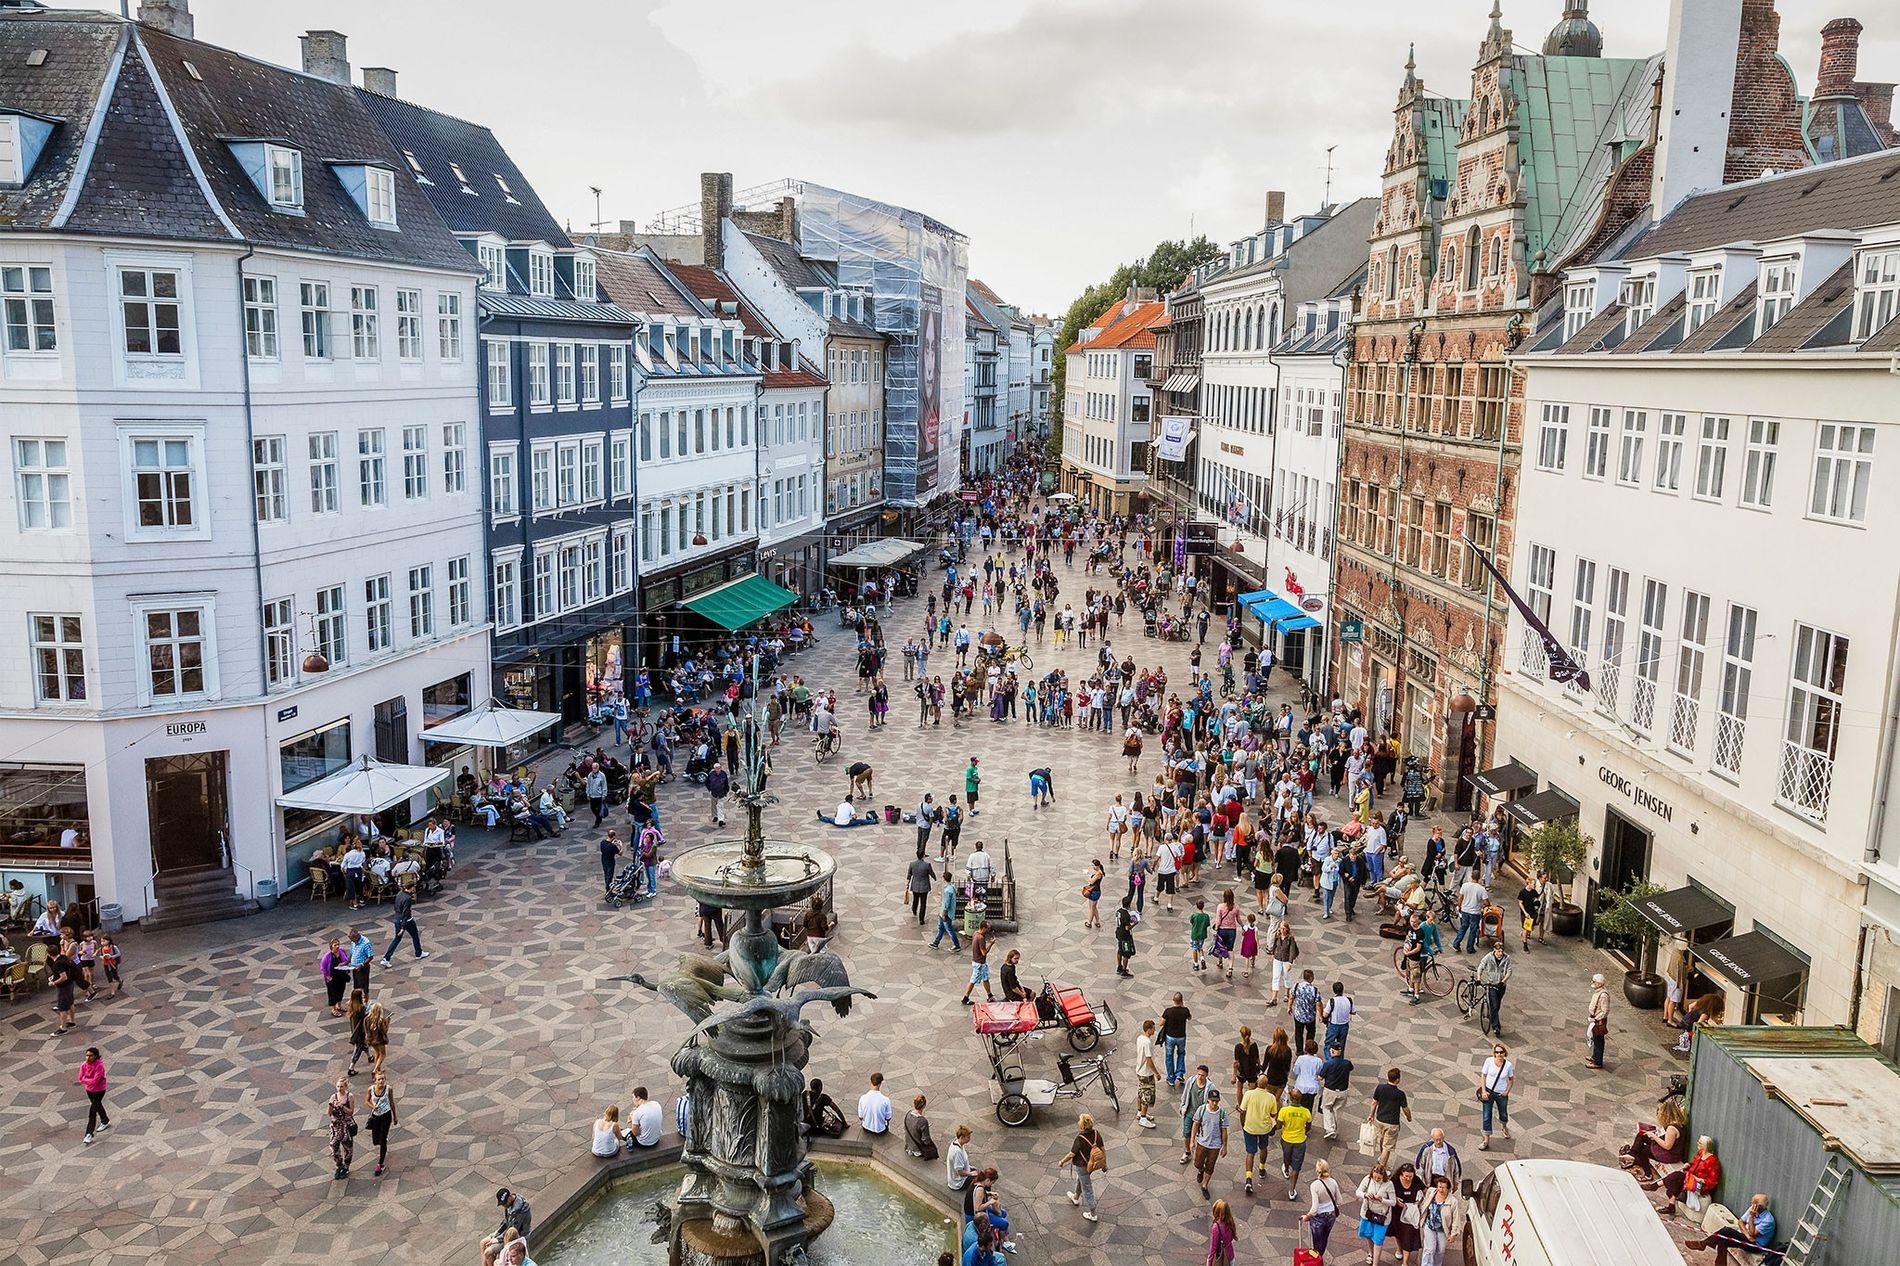 Los consumidores en Copenhague y otras zonas de Dinamarca tienen una perspectiva diferente de las bolsas de plástico respecto a muchos otros países.